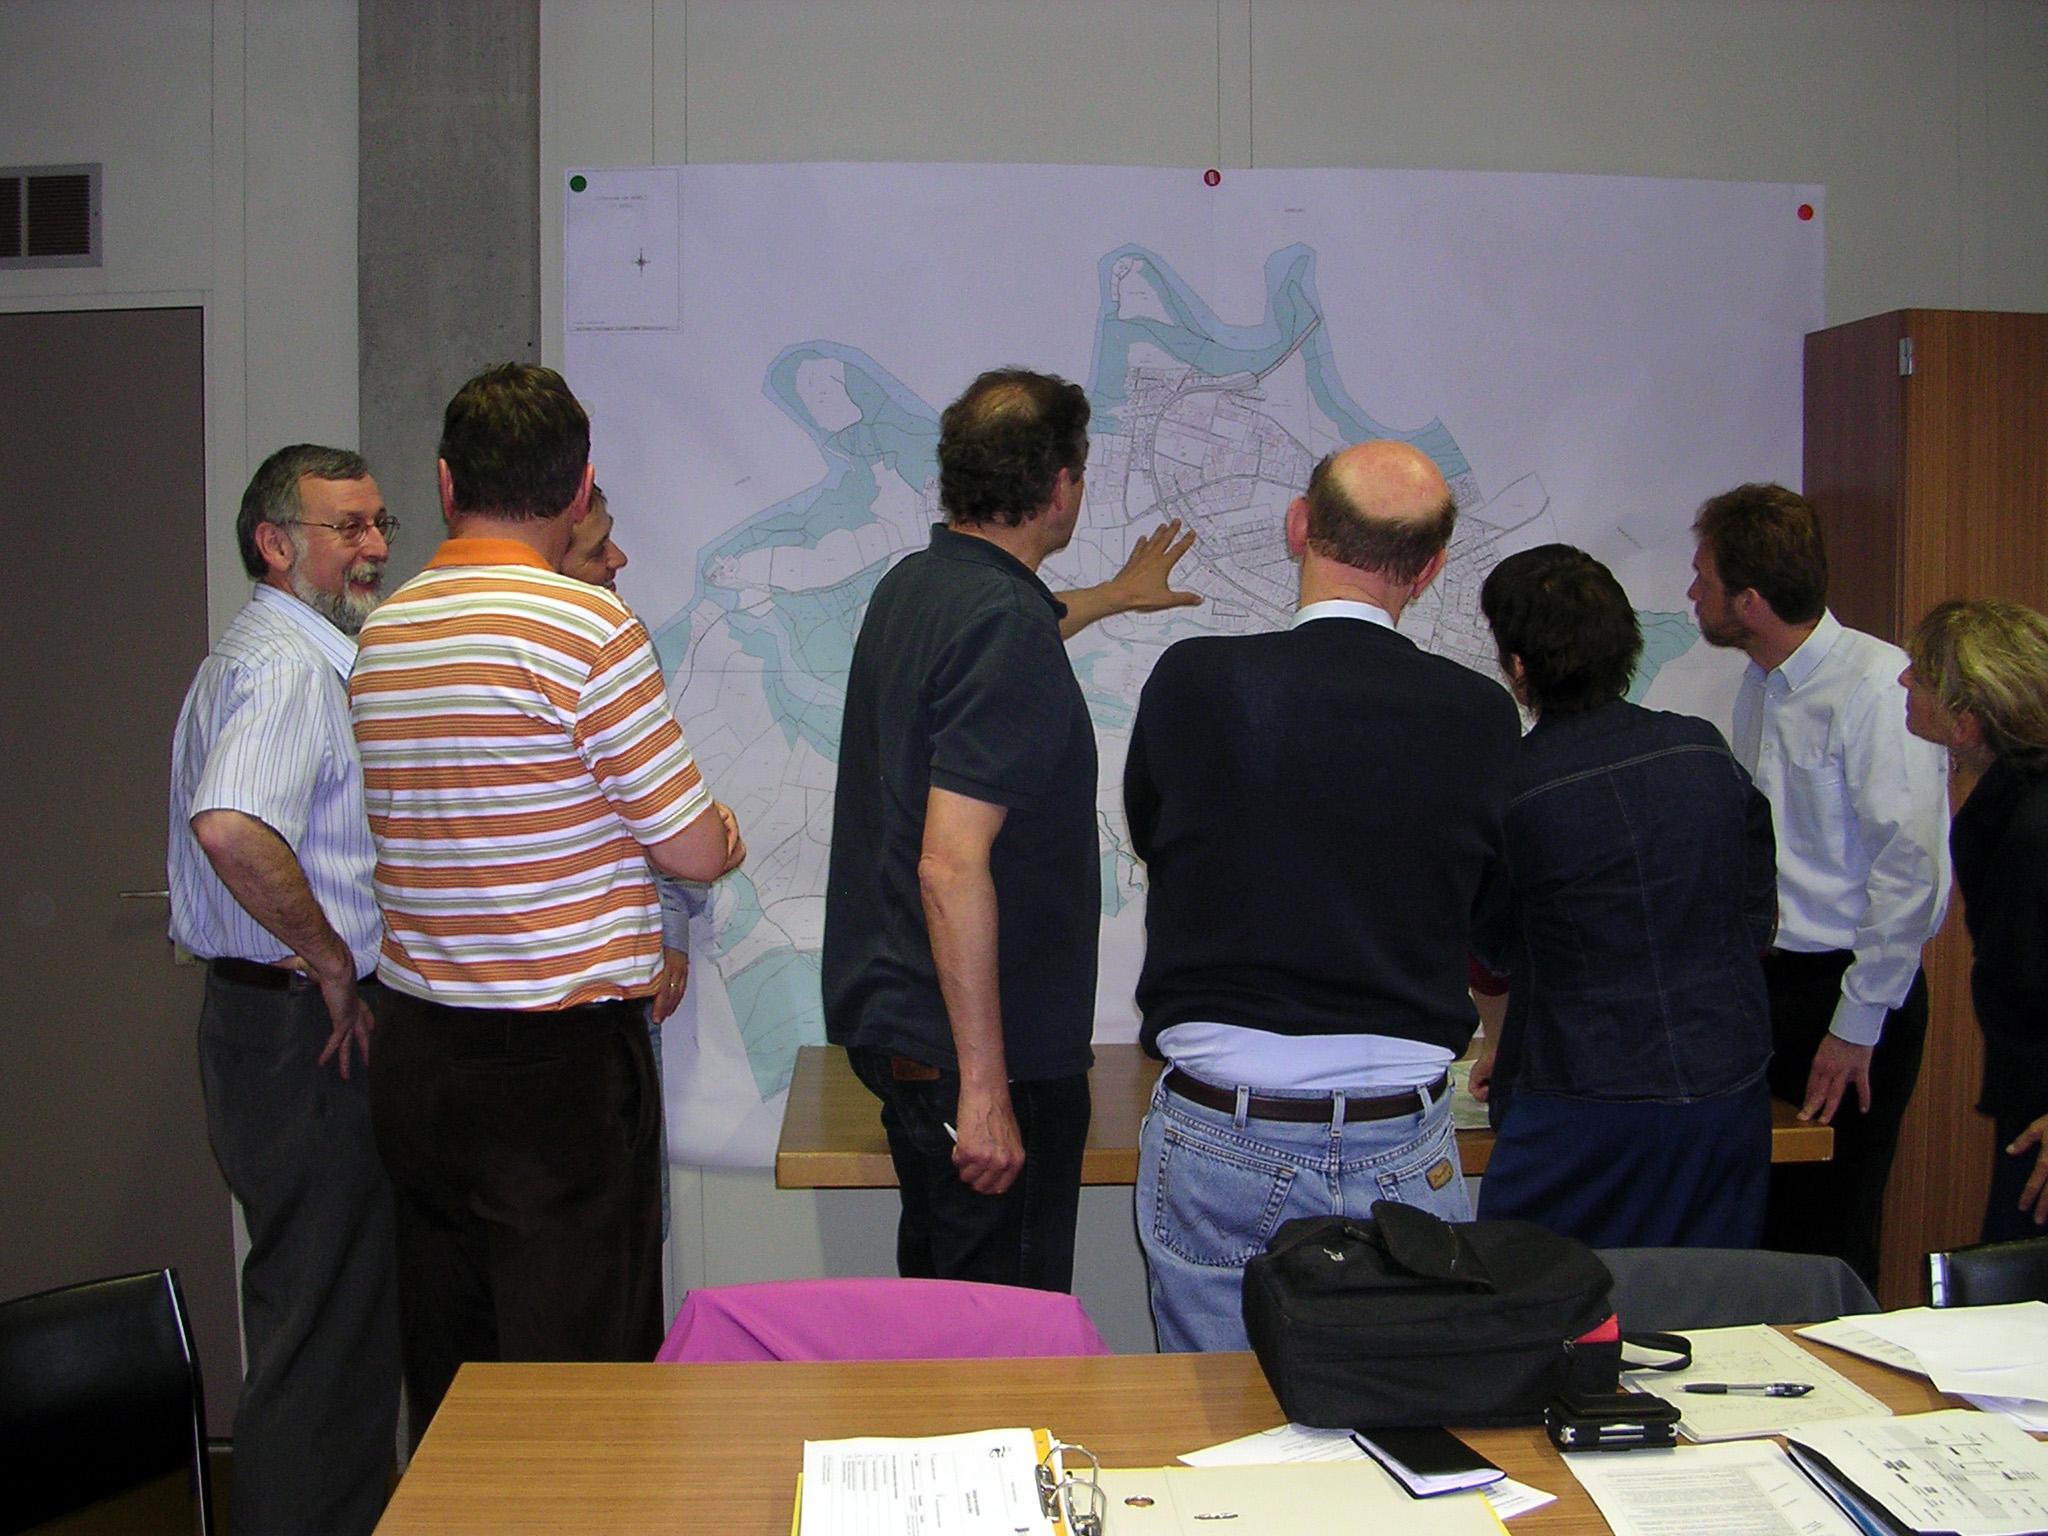 Les membres de la Commission sympa devant la carte de leur commune